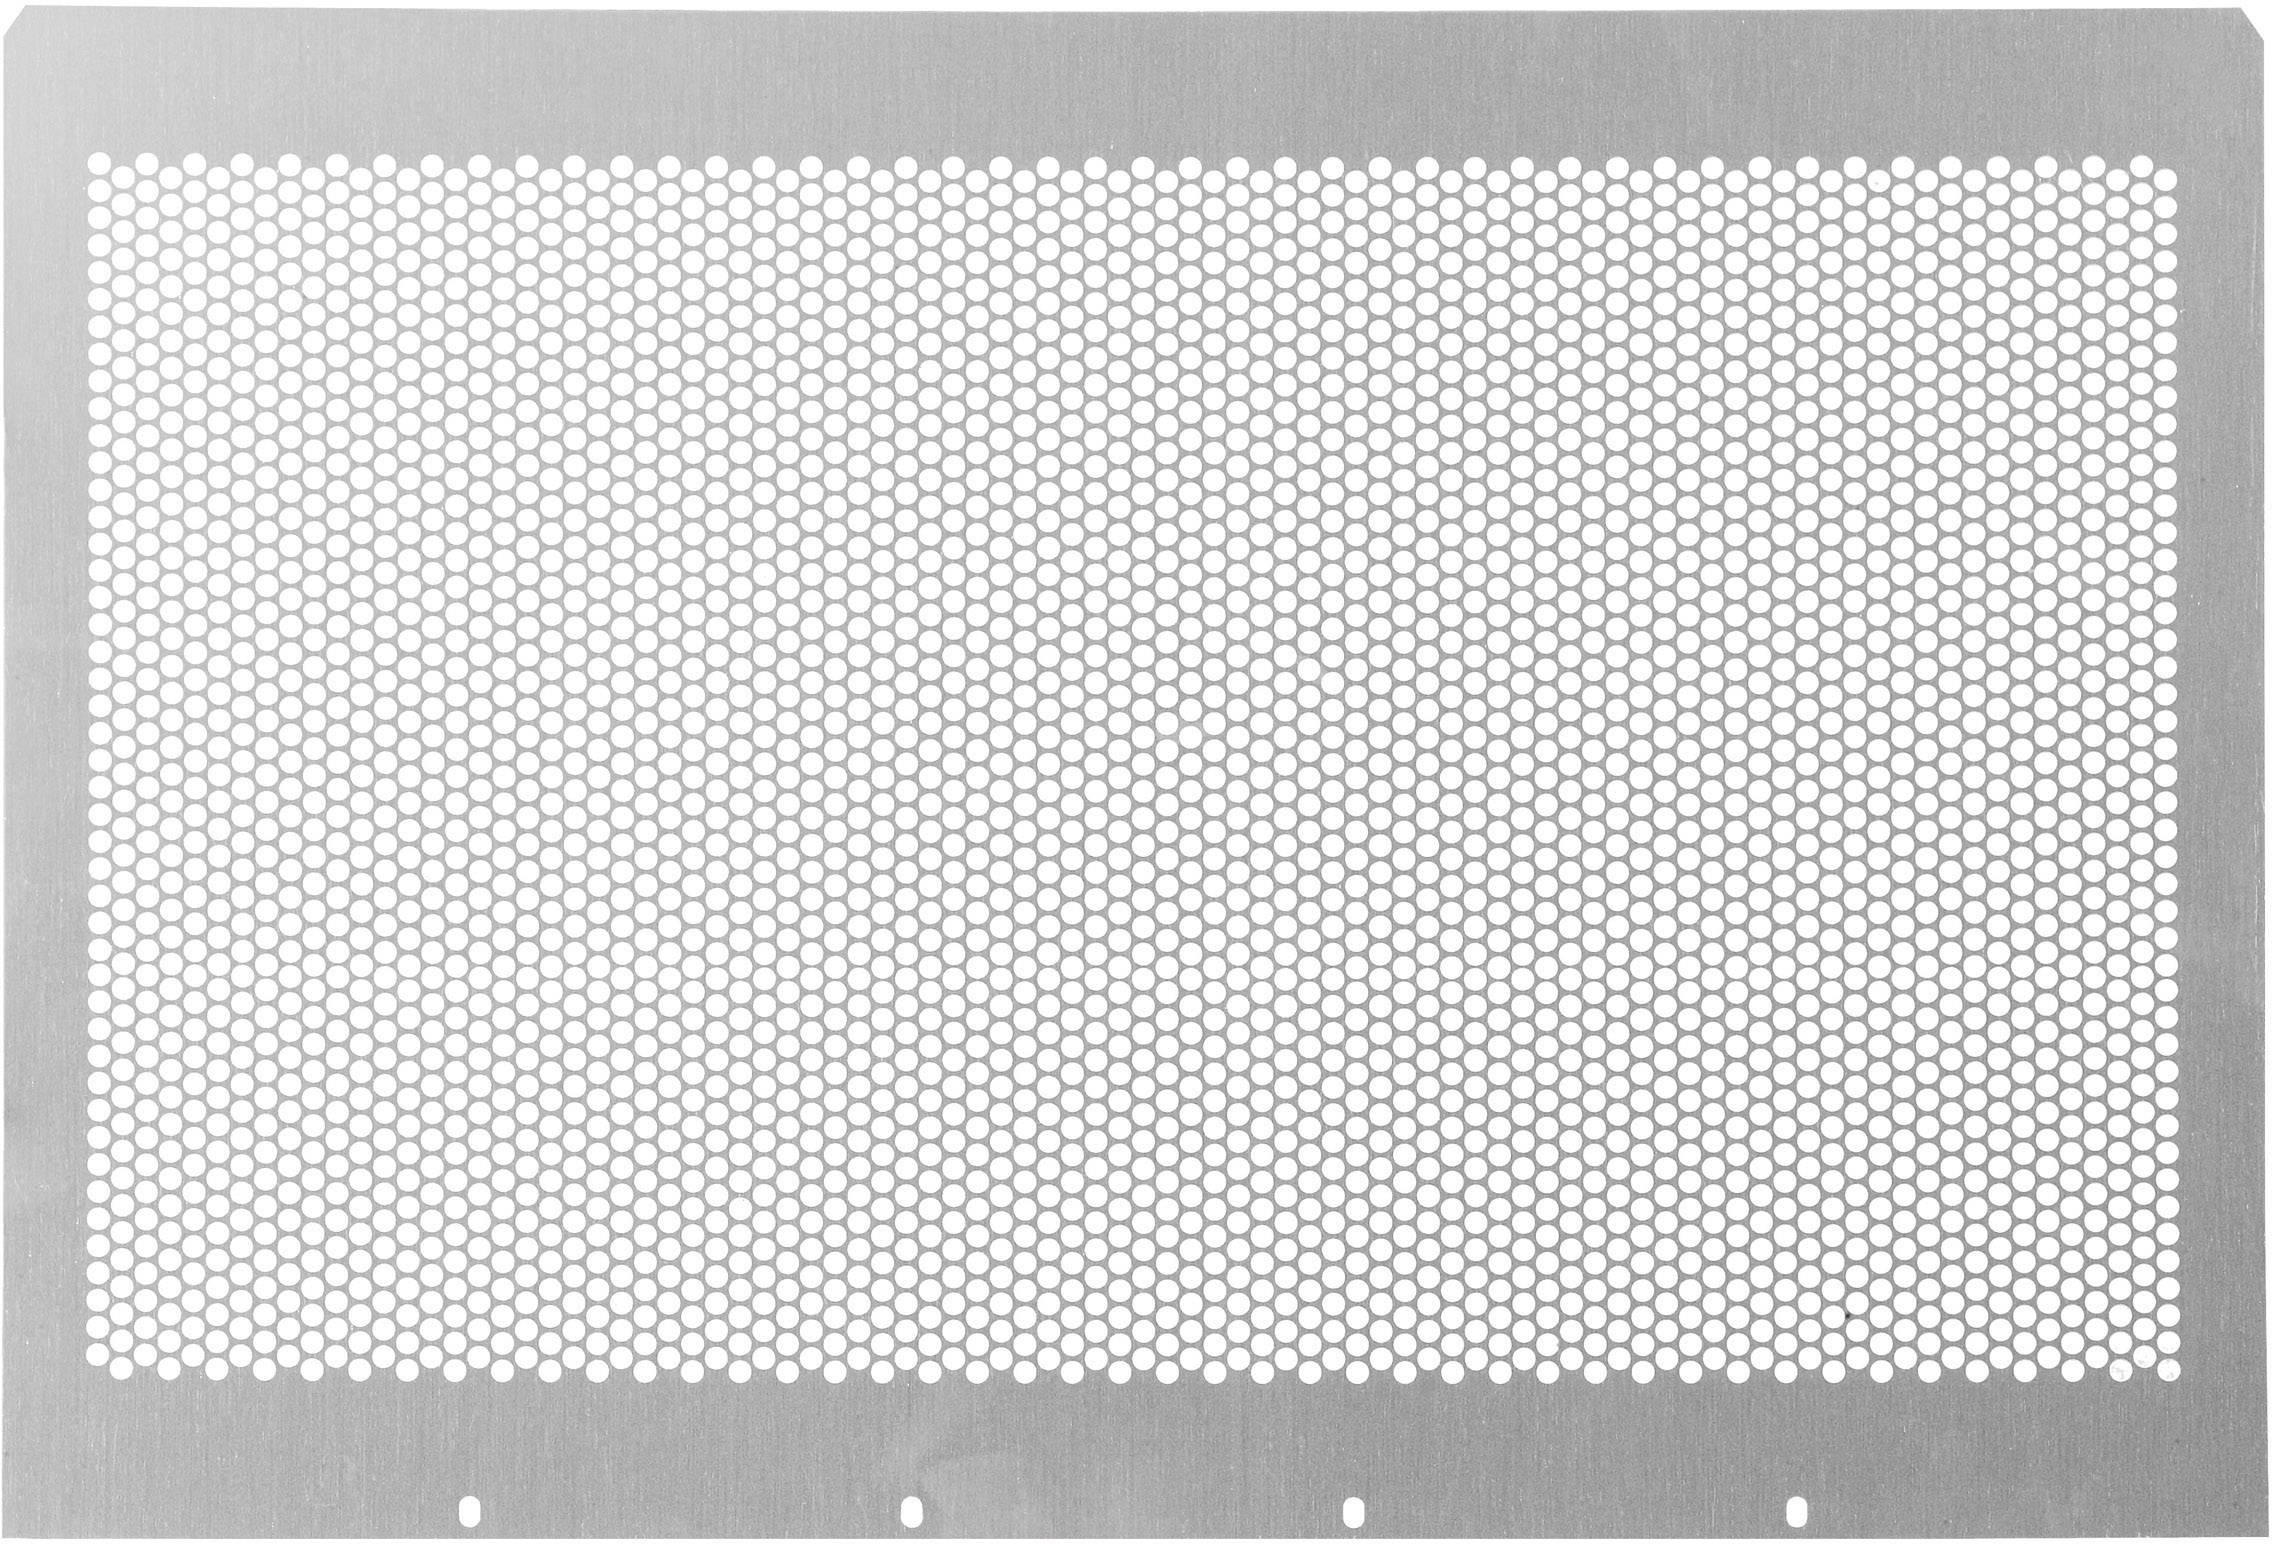 Krycí plech Schroff multipacPRO 30860-512, (š x v x h) 412 x 1 x 340 mm, 1 ks